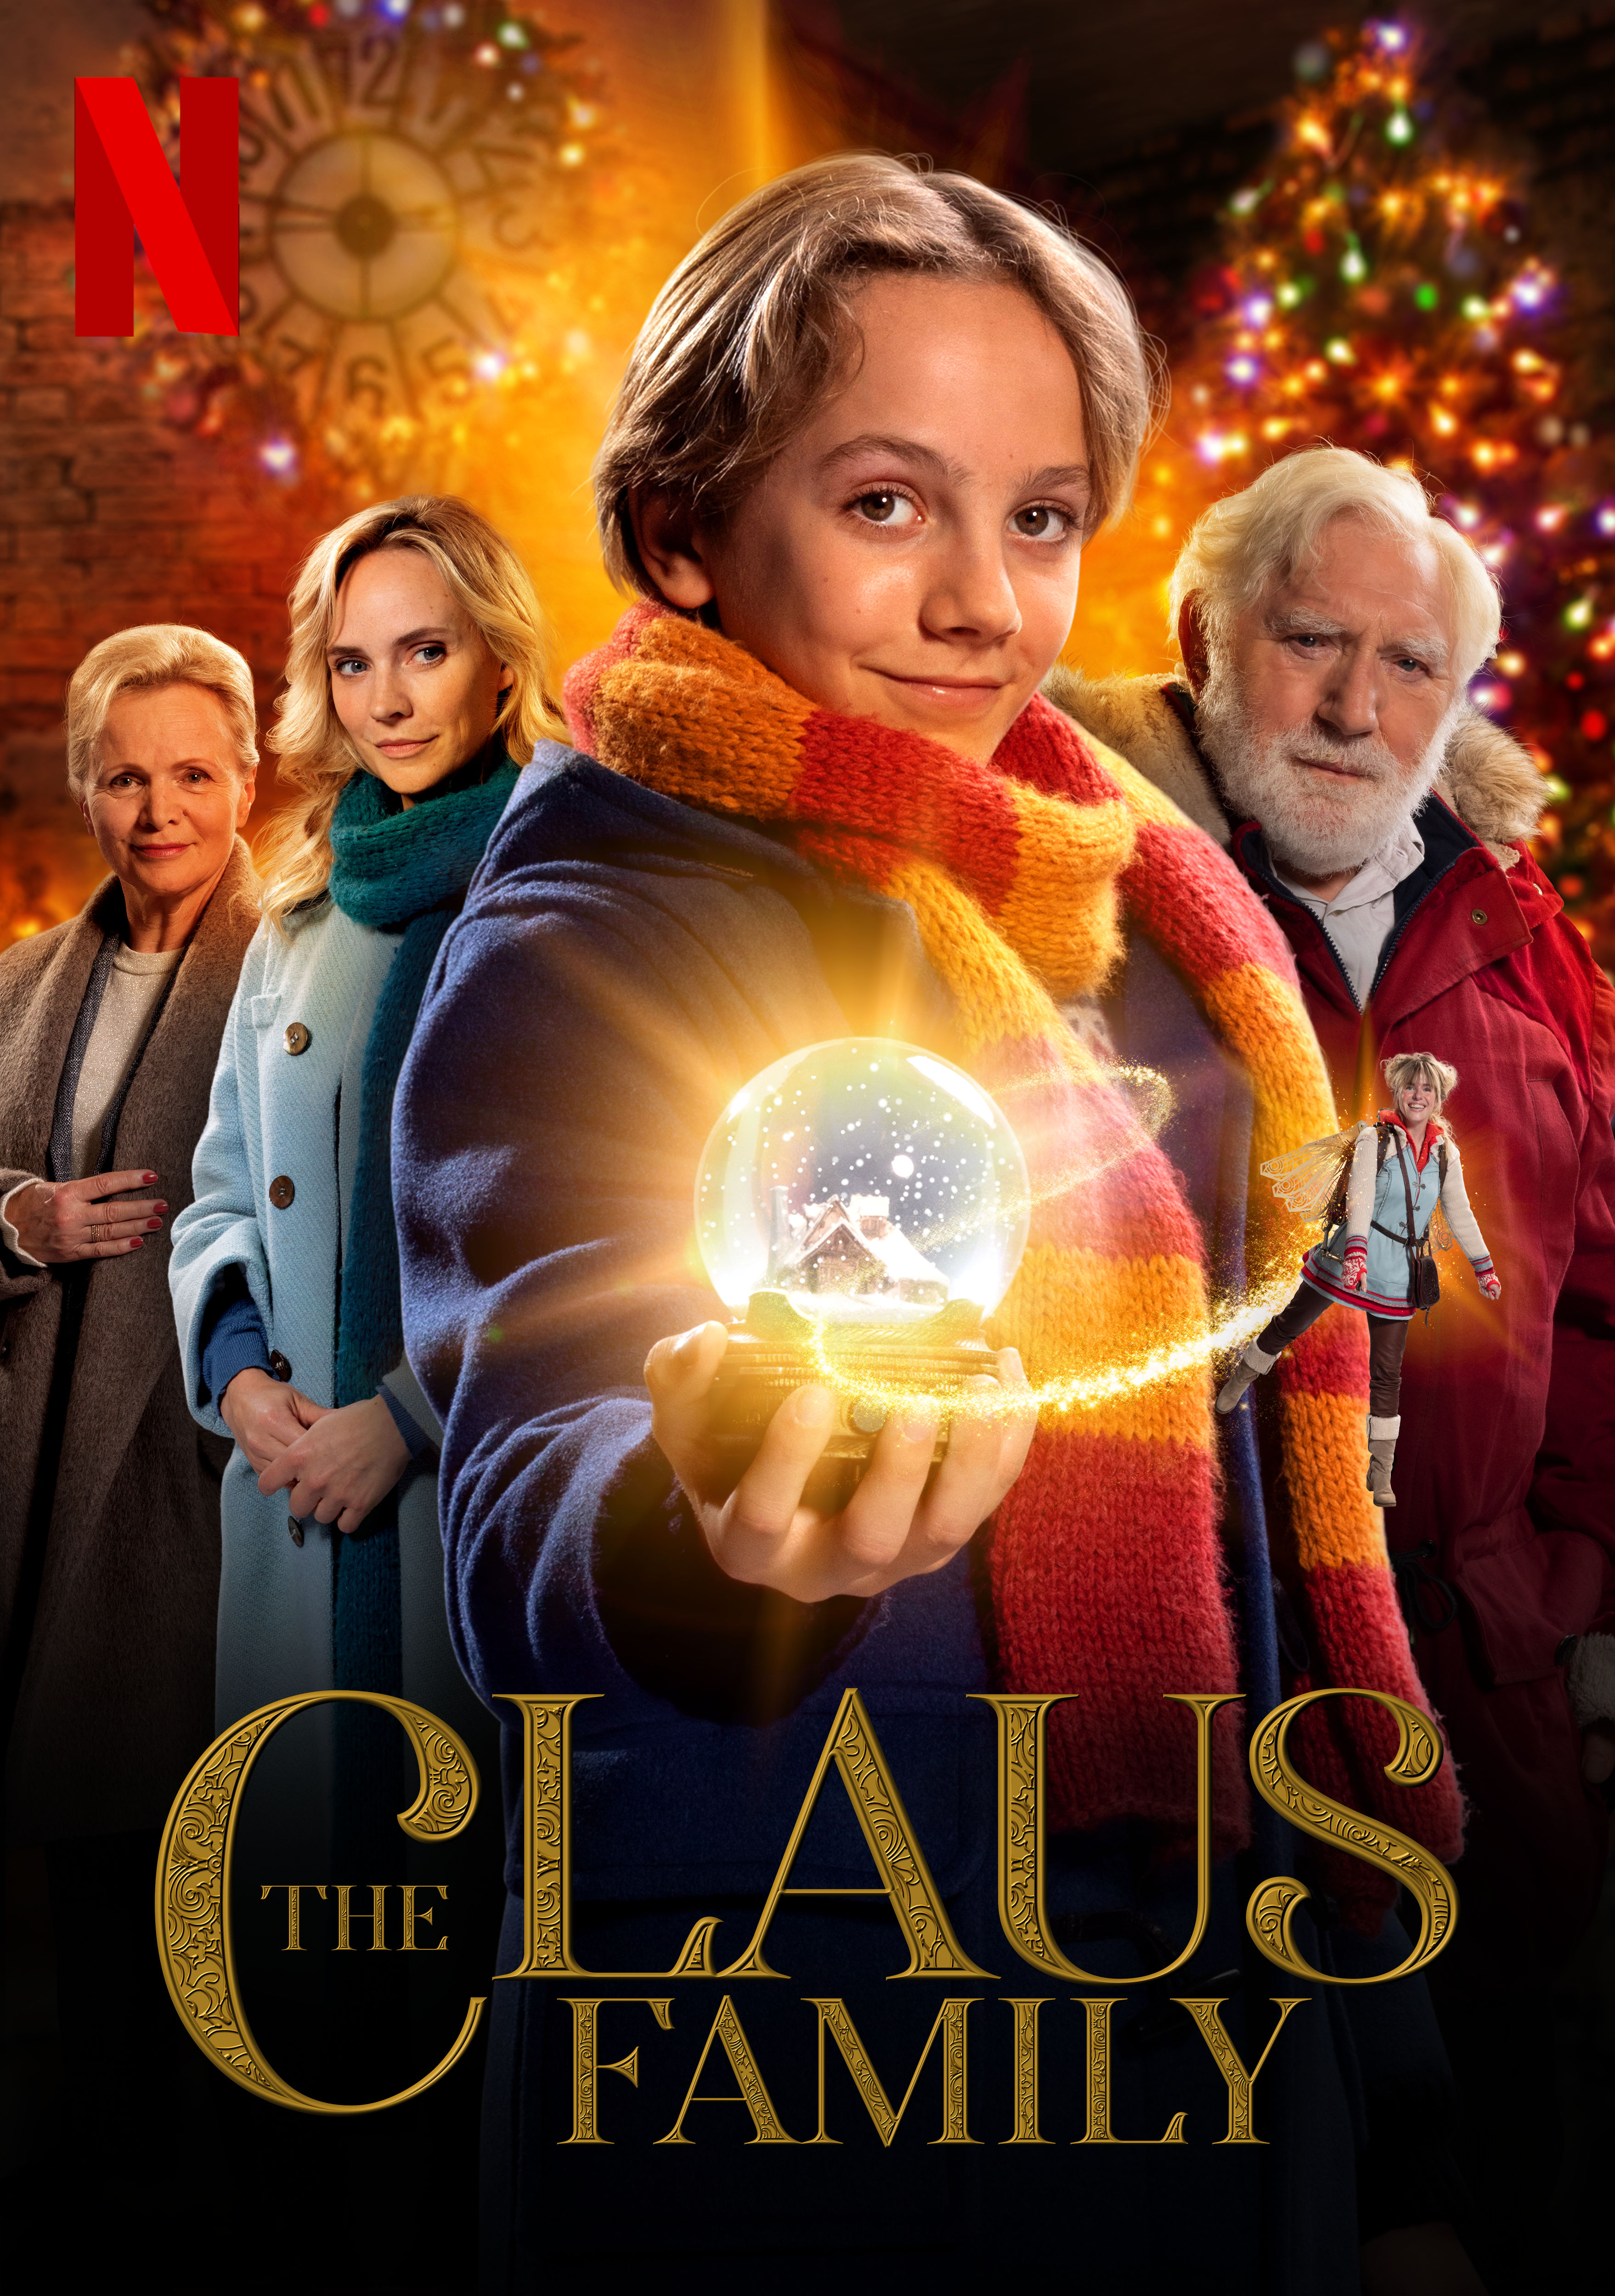 De Familie Claus hd on soap2day